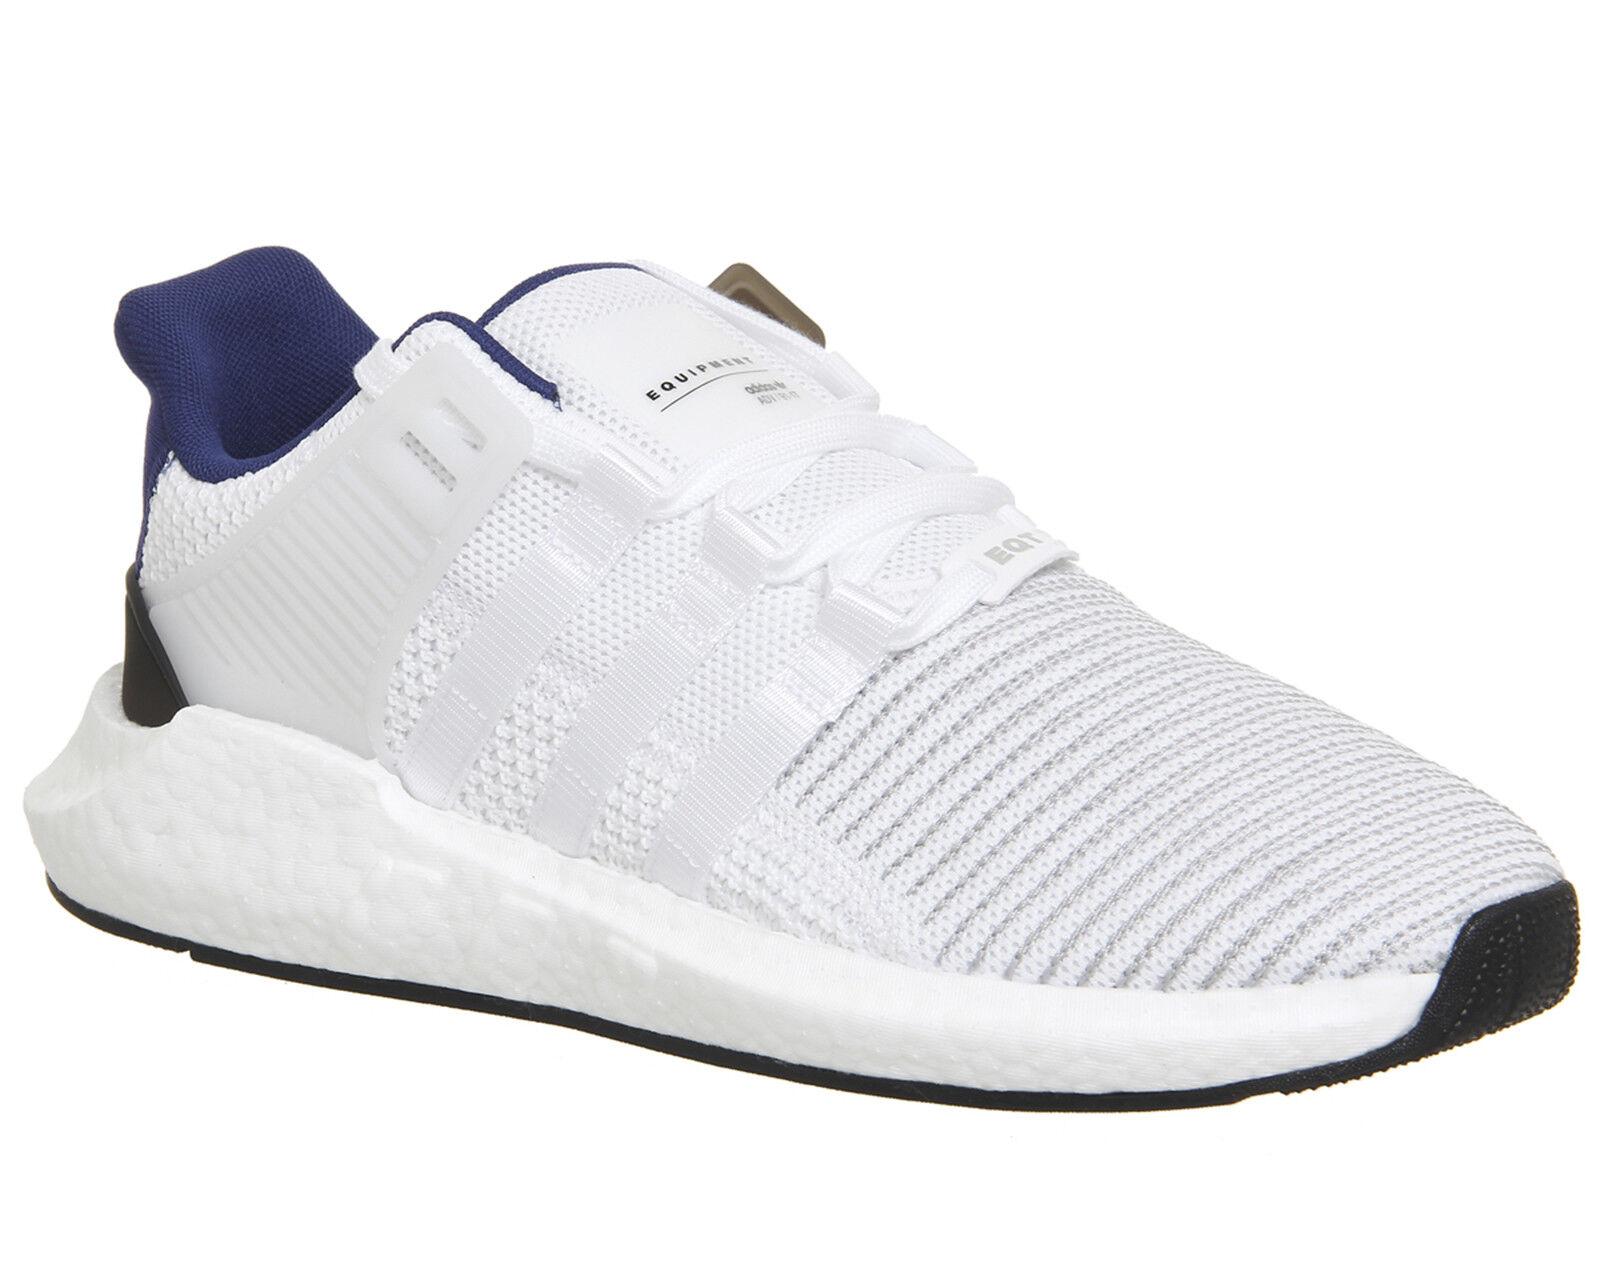 Adidas EQT Support 93/17 Blanc/Noir/Bleu Baskets UK 7 EU 40.7 LN086 UU 01